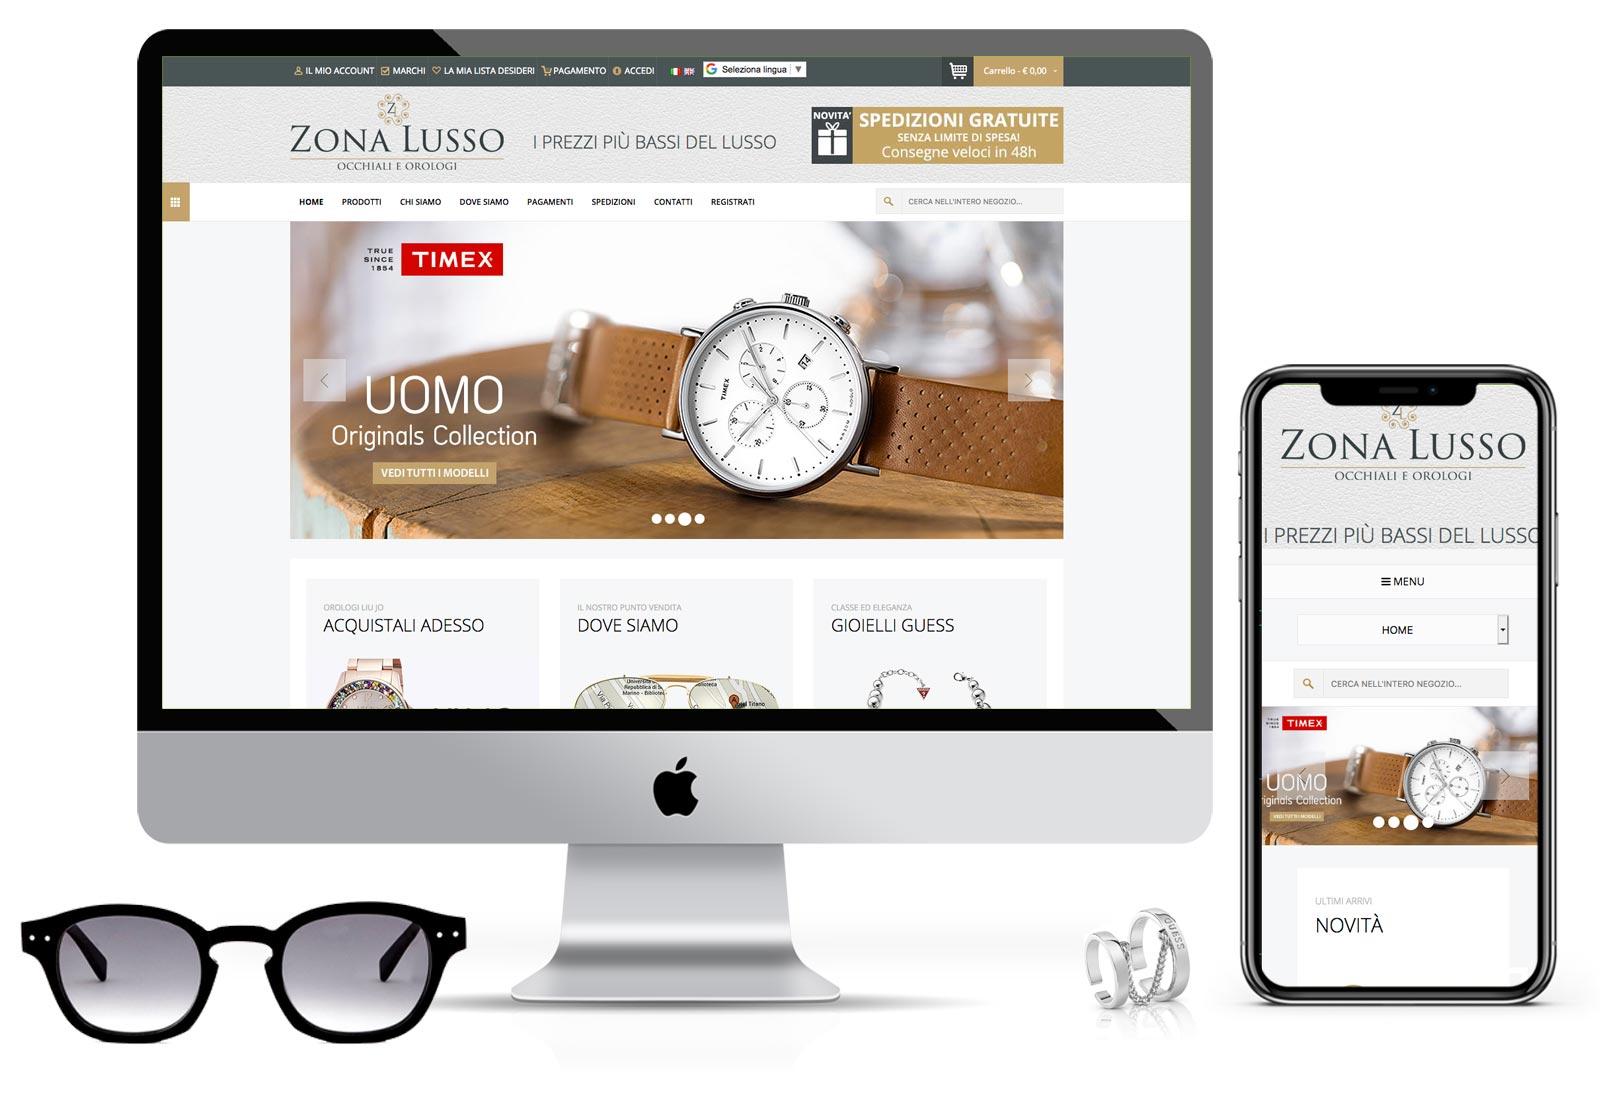 realizzazione-ecommerce-magento-orologi-occhiali-gioielli